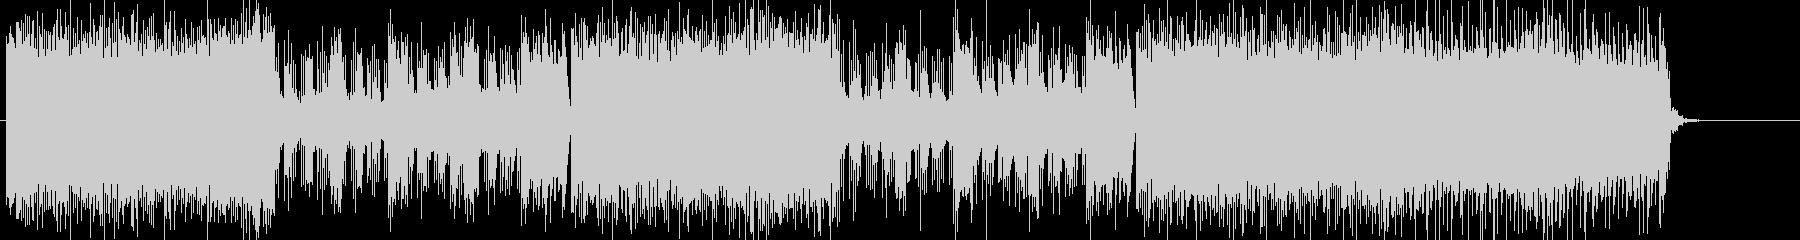 「HR/HM」「DARK系」の未再生の波形